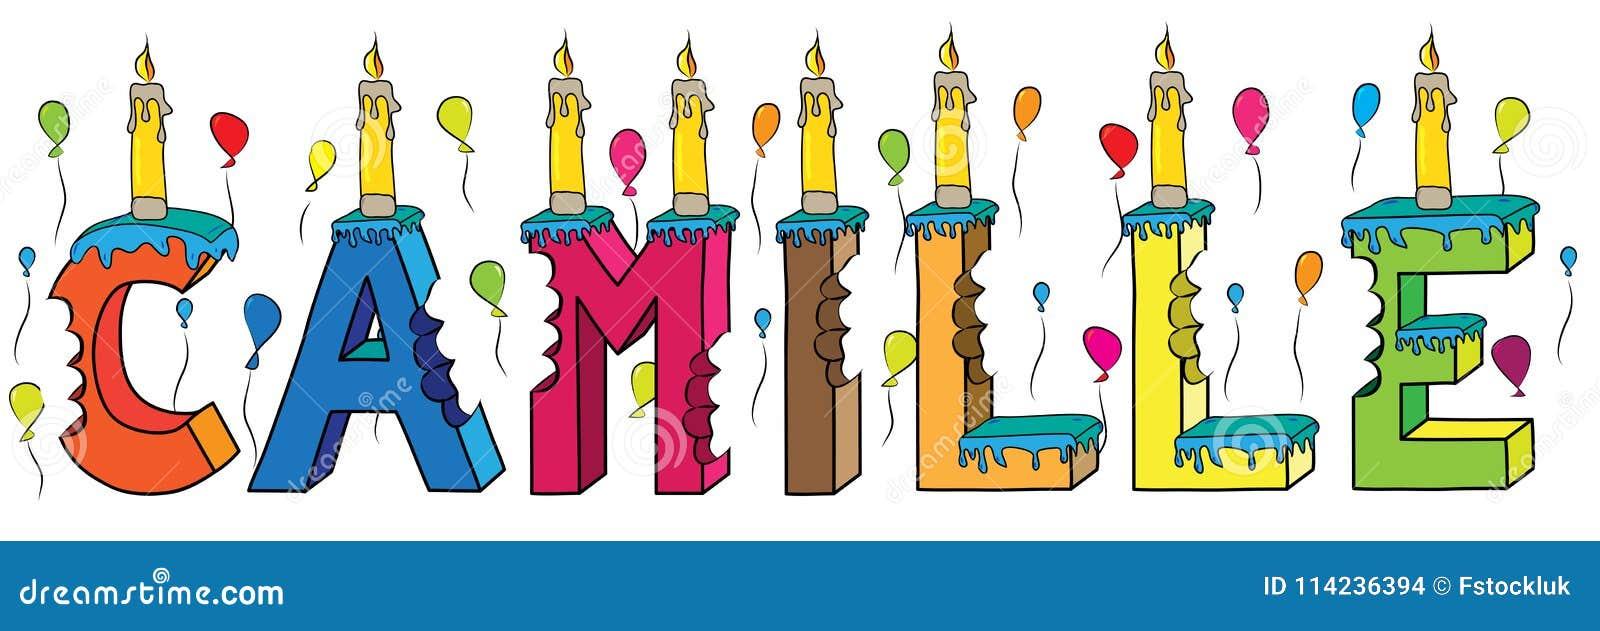 Bolo de aniversário colorido mordido da rotulação 3d de Camilo nome fêmea com velas e balões